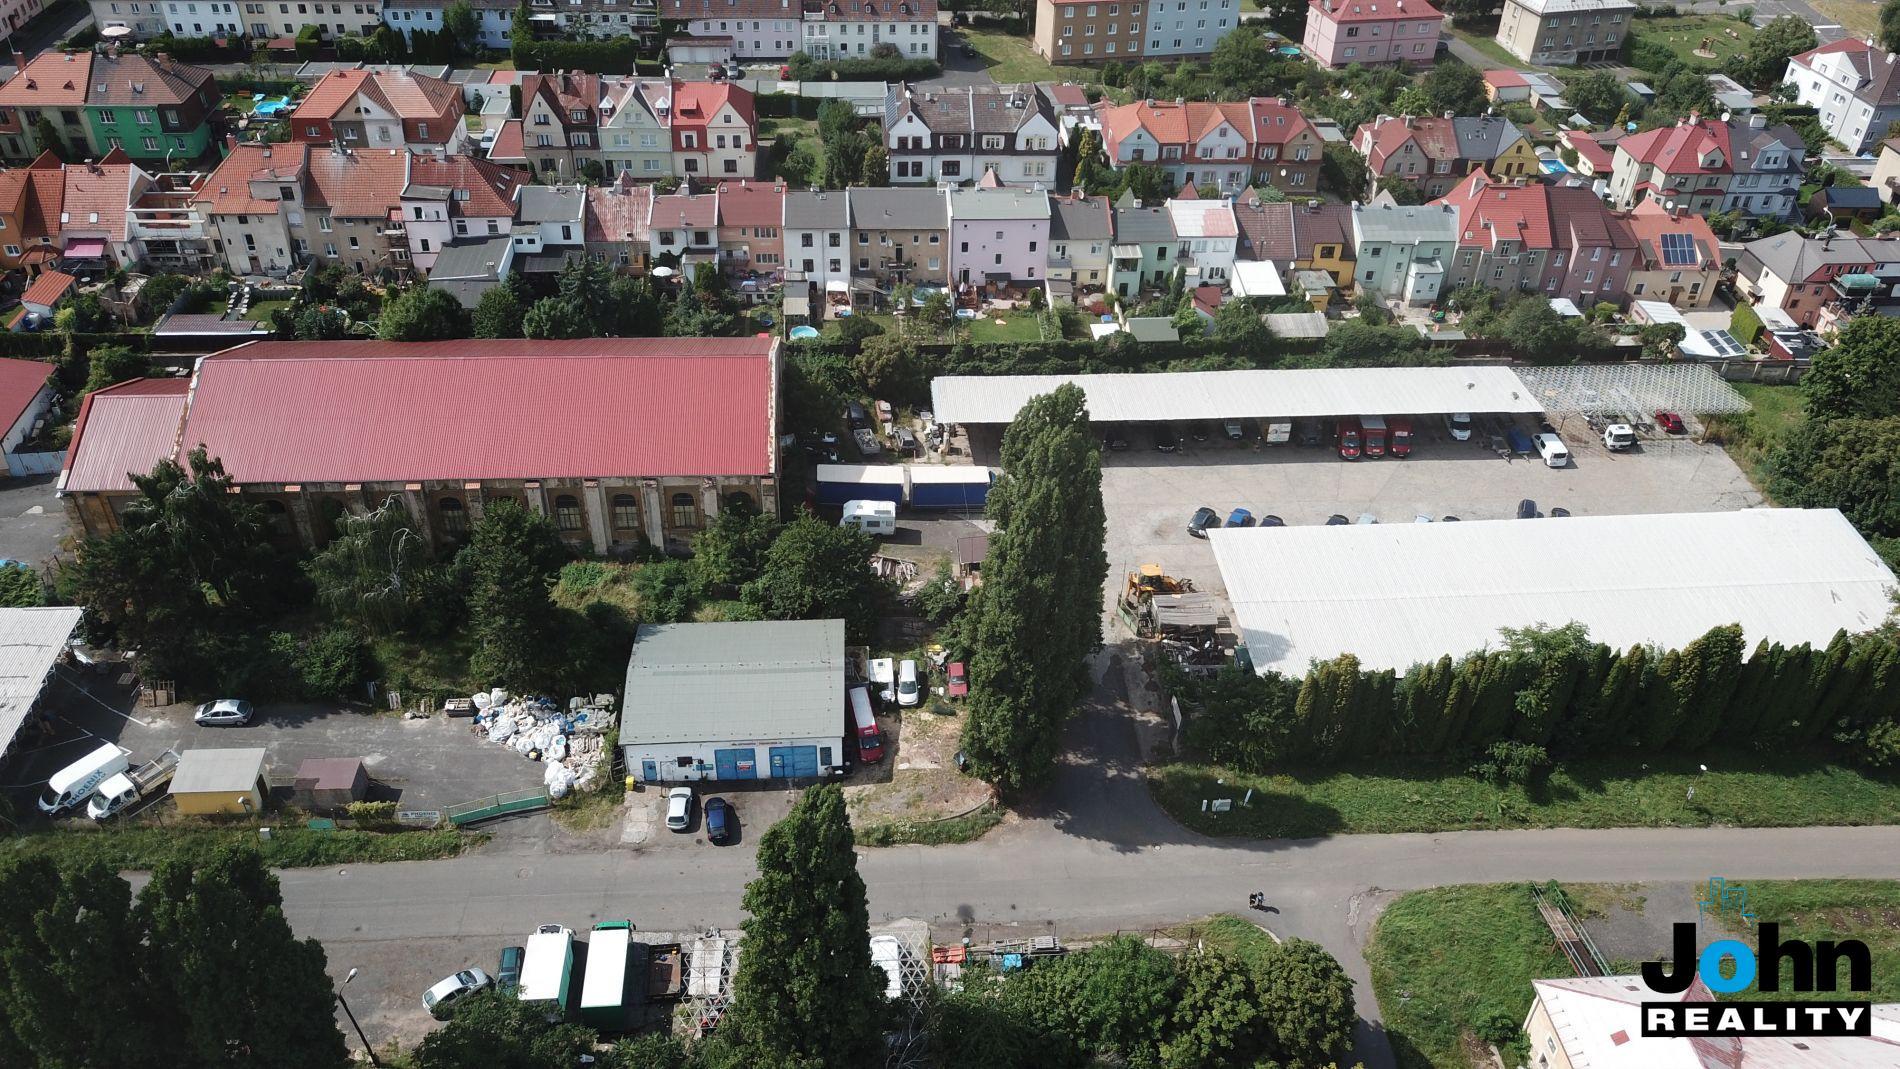 Pronájem haly 1500 m2 s pozemkem 4325 m2 v Mostě